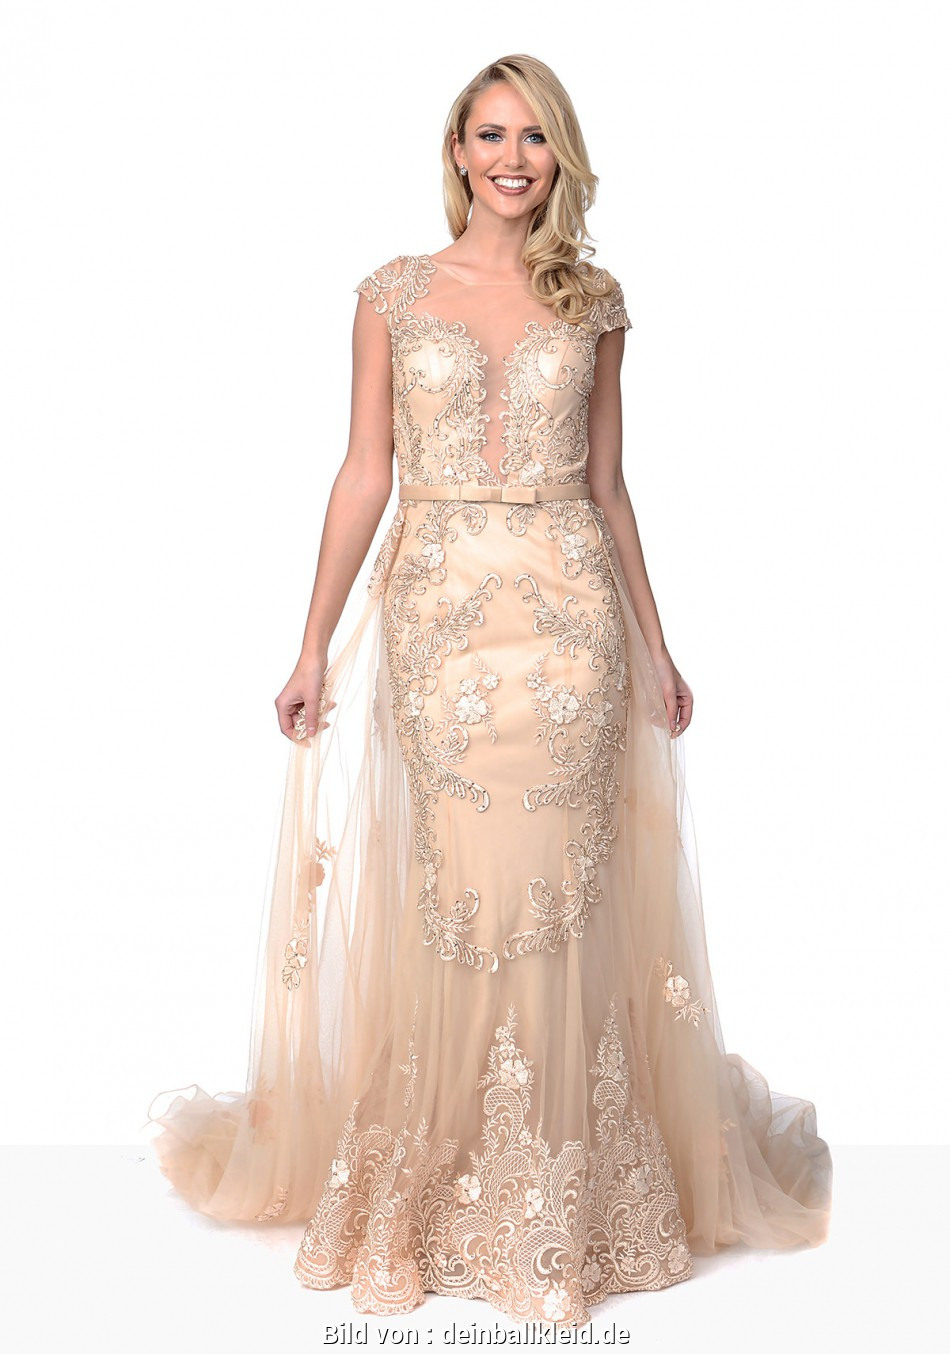 Formal Erstaunlich Abendkleider Unna Bester PreisFormal Kreativ Abendkleider Unna Design